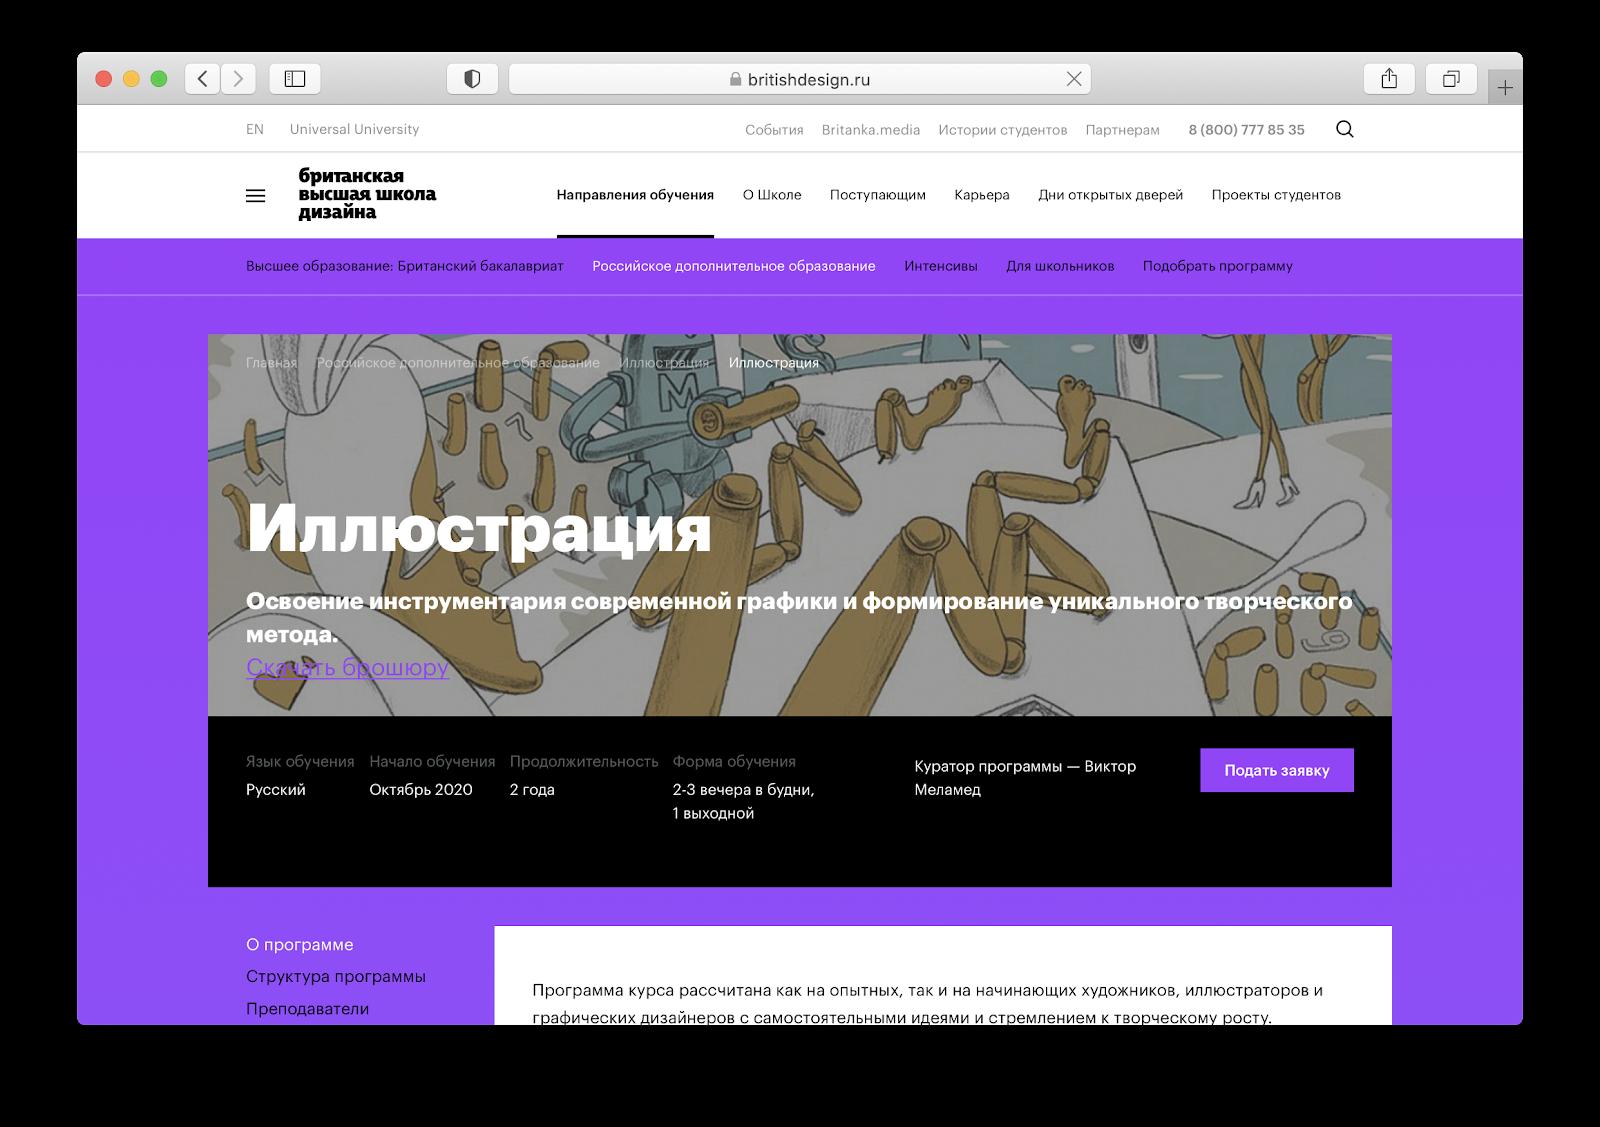 Курсы иллюстрации в Москве, обучение дизайнеров иллюстраторов – Британская высшая школа дизайна